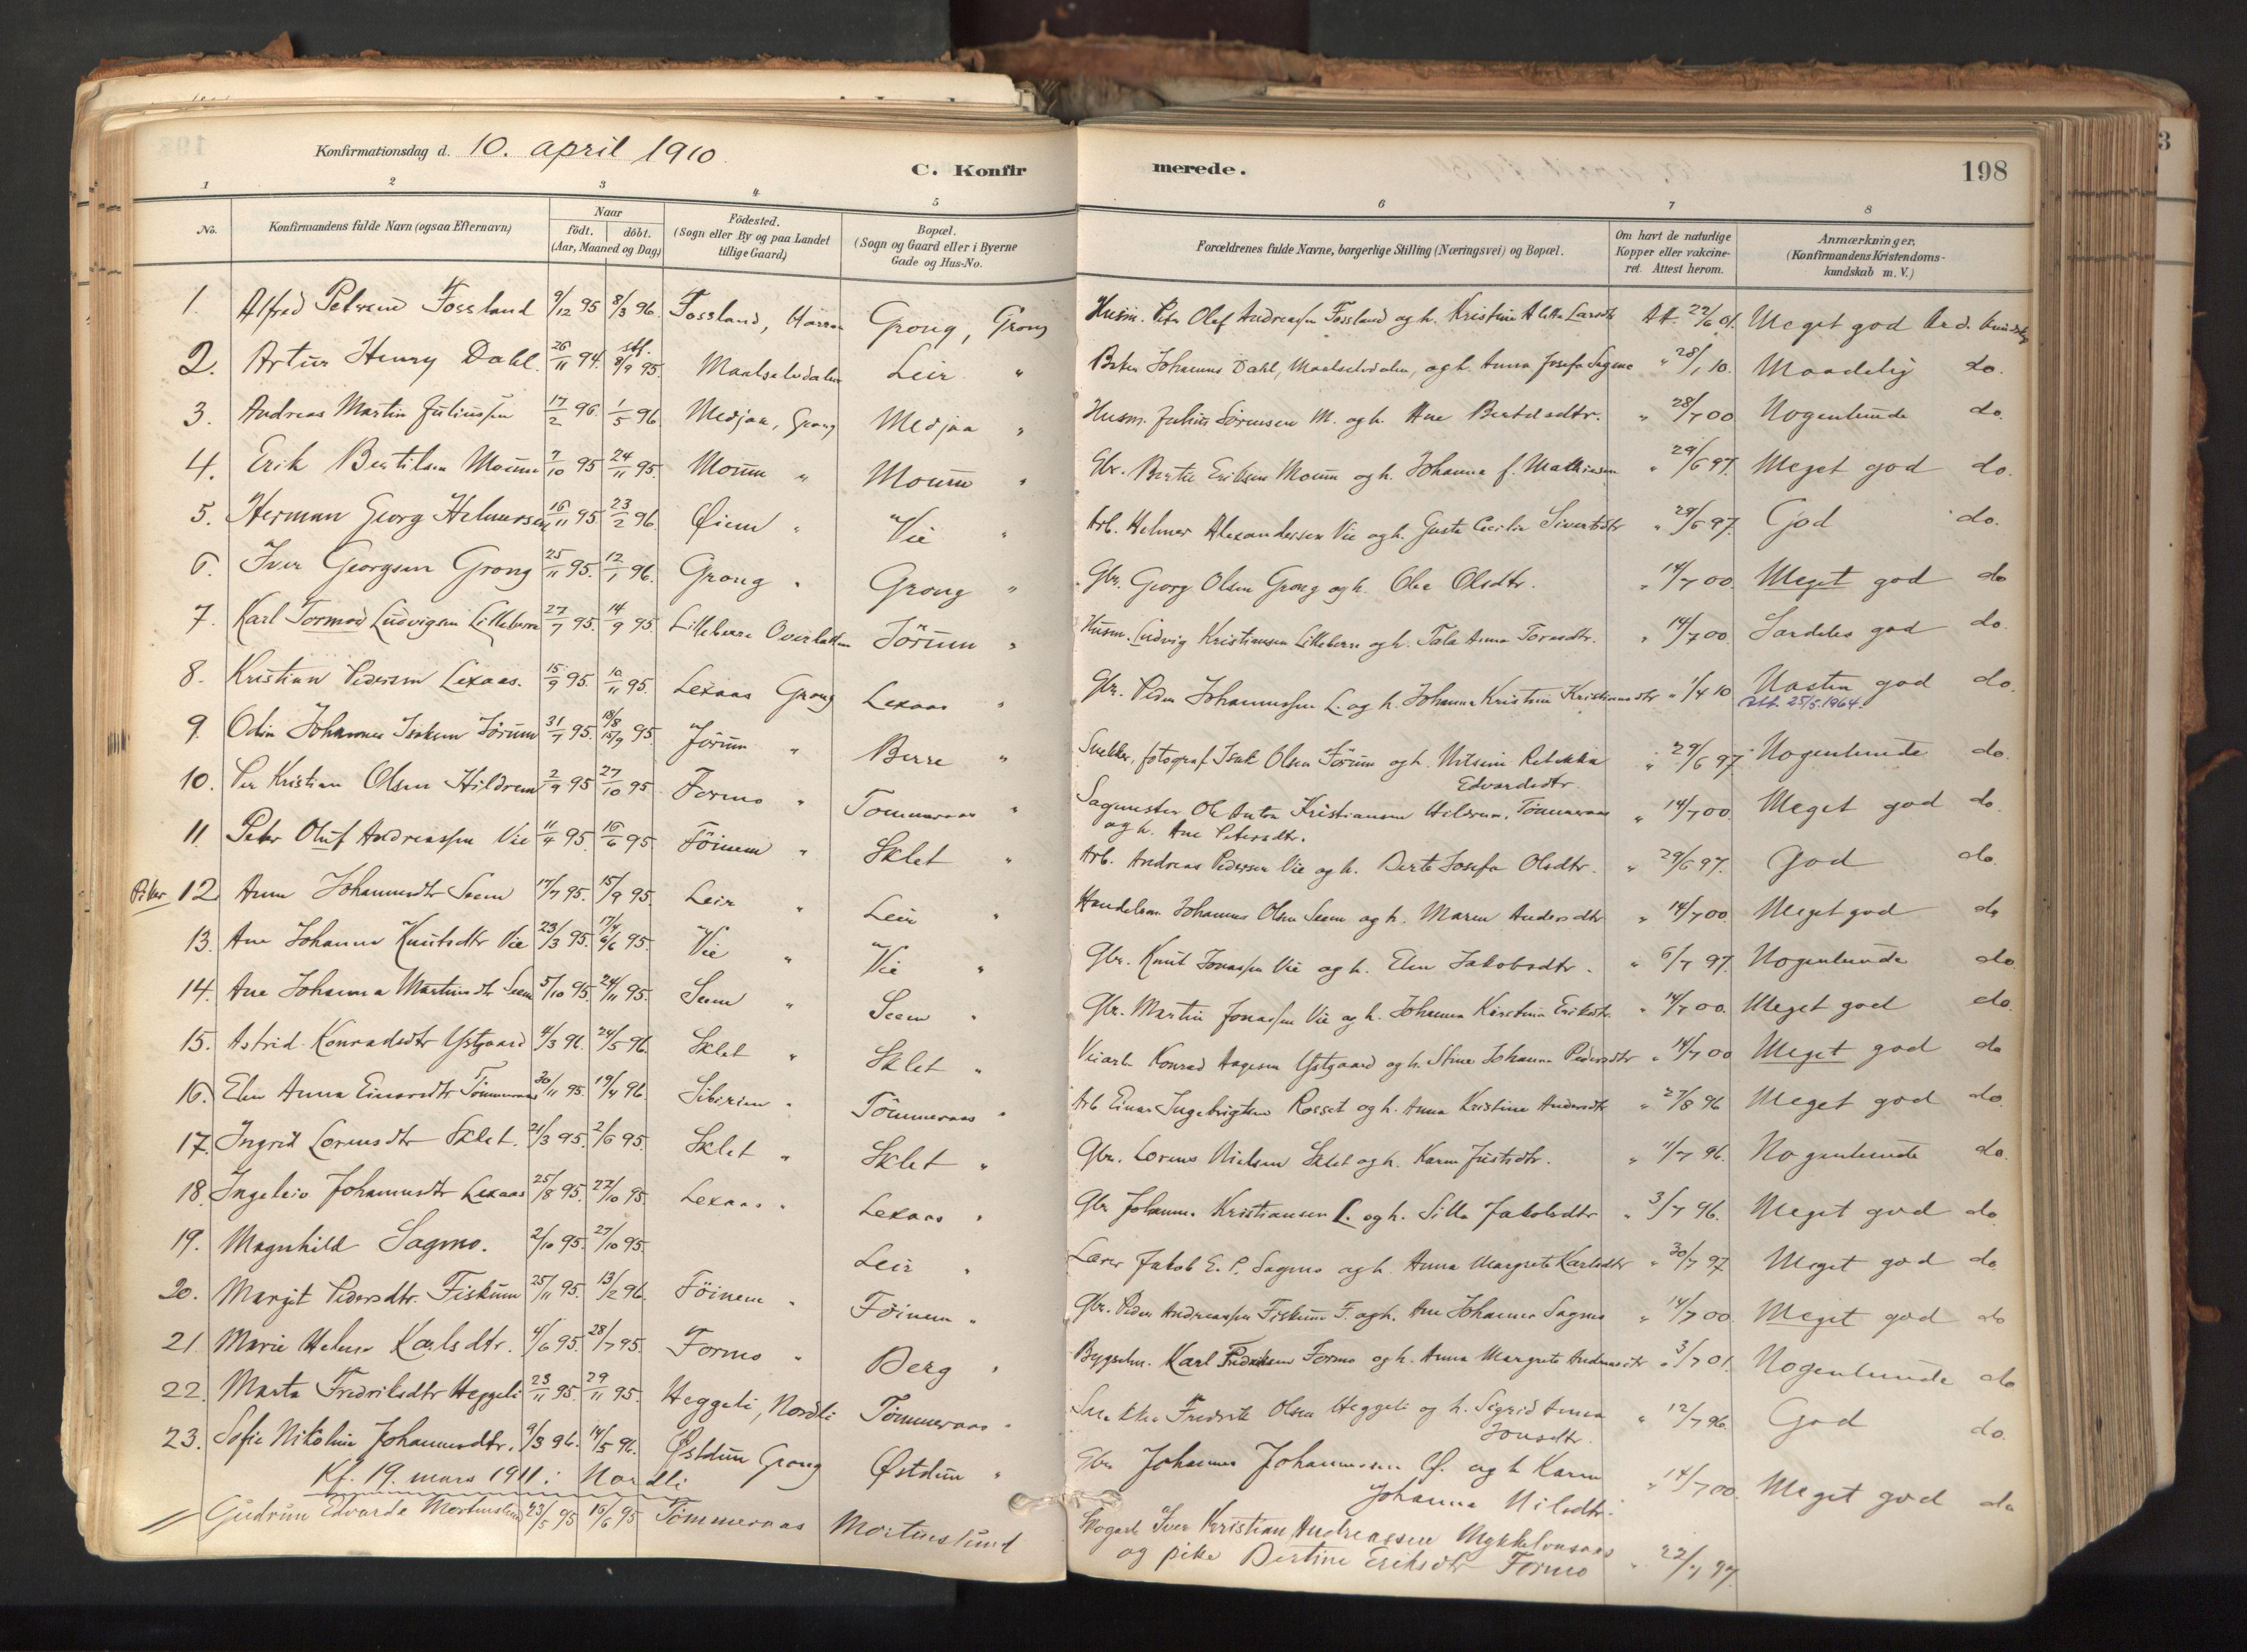 SAT, Ministerialprotokoller, klokkerbøker og fødselsregistre - Nord-Trøndelag, 758/L0519: Ministerialbok nr. 758A04, 1880-1926, s. 198